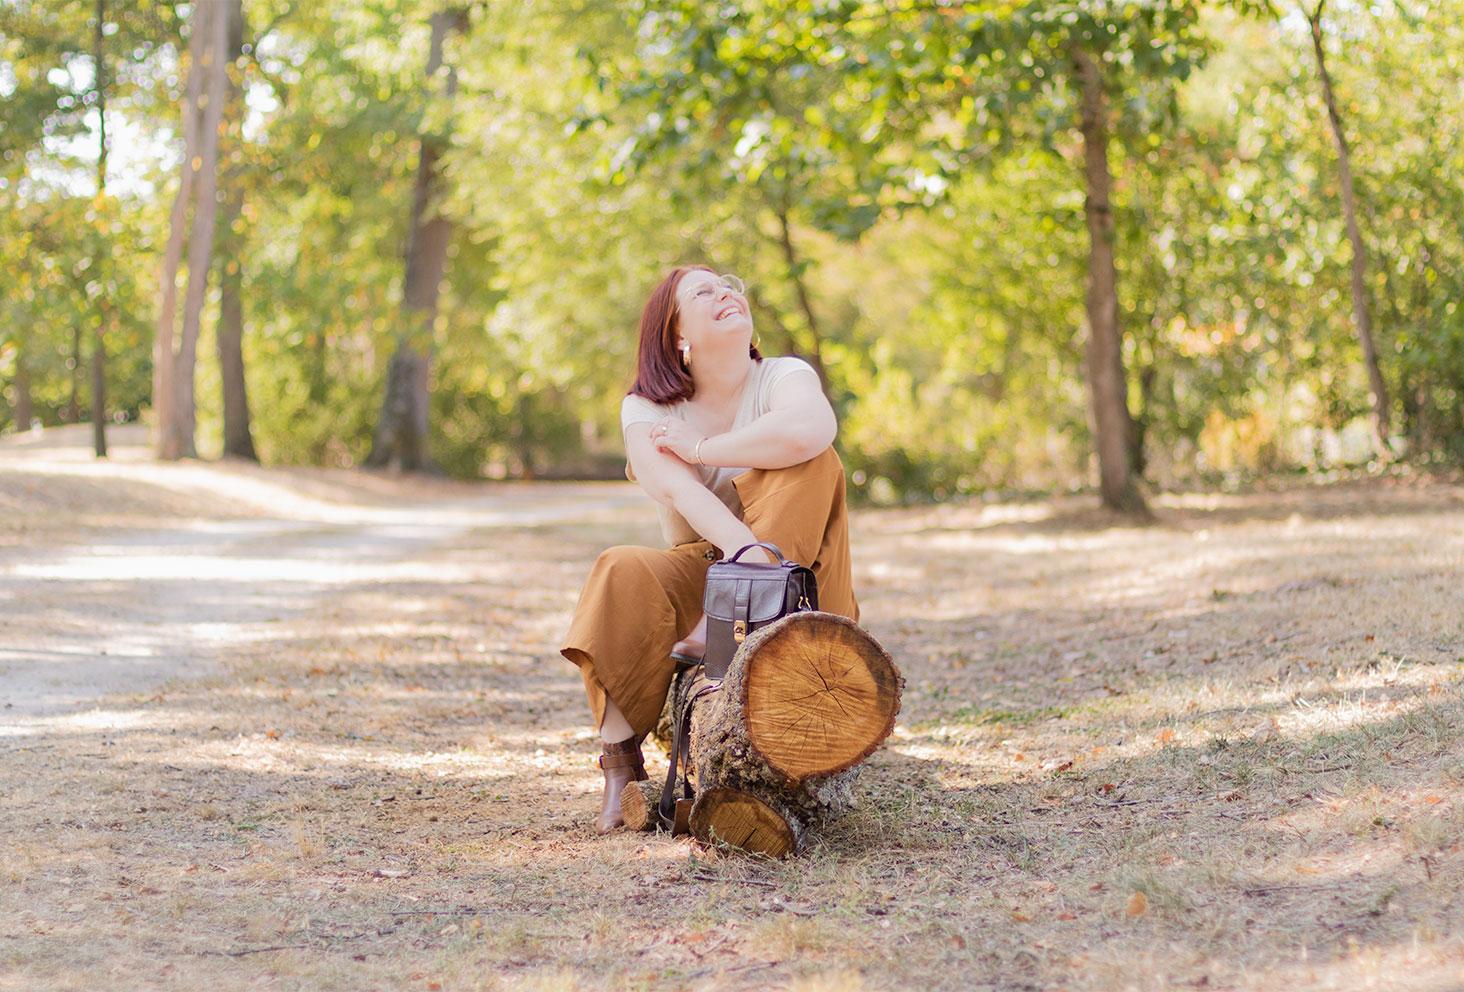 Assise sur un tronc d'arbre banc avec le sourire, la tête vers le haut, un sac vintage en cuir marron posé sur le banc également